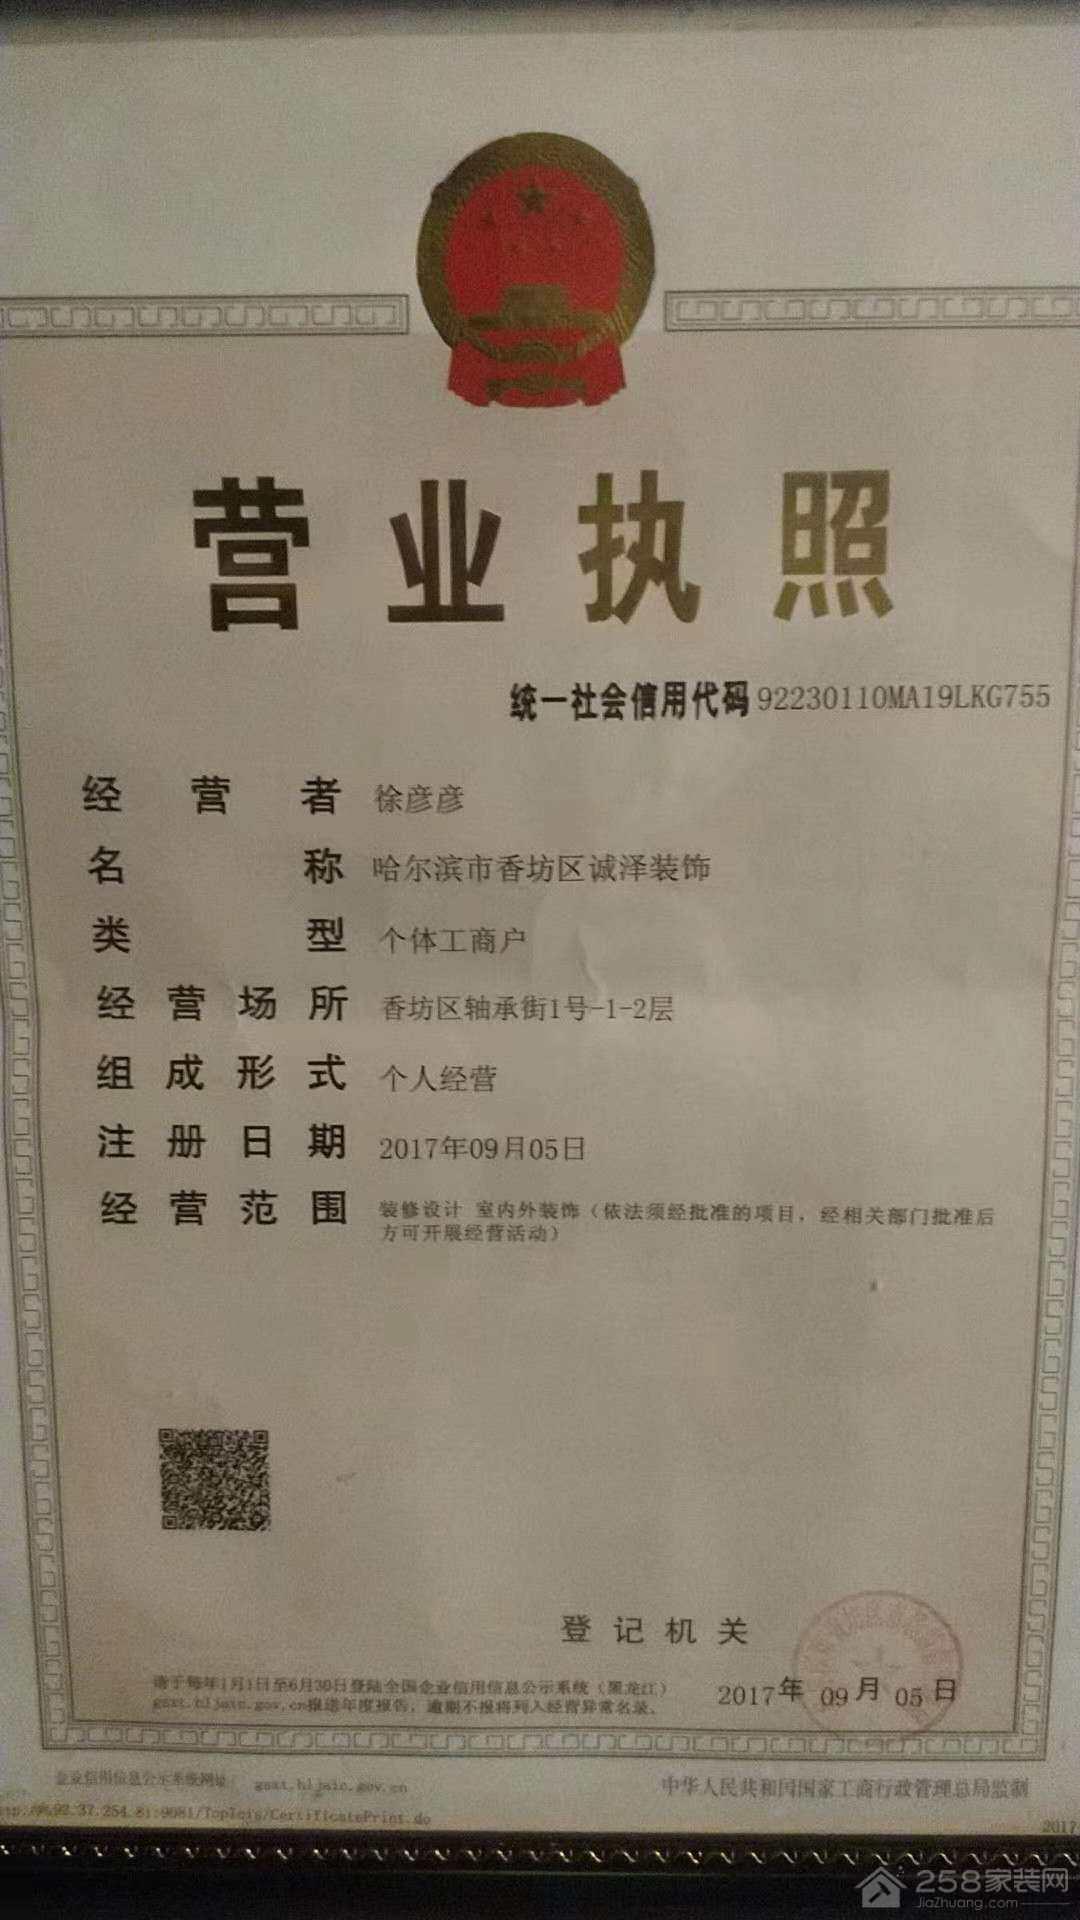 哈尔滨诚泽装饰工程有限公司